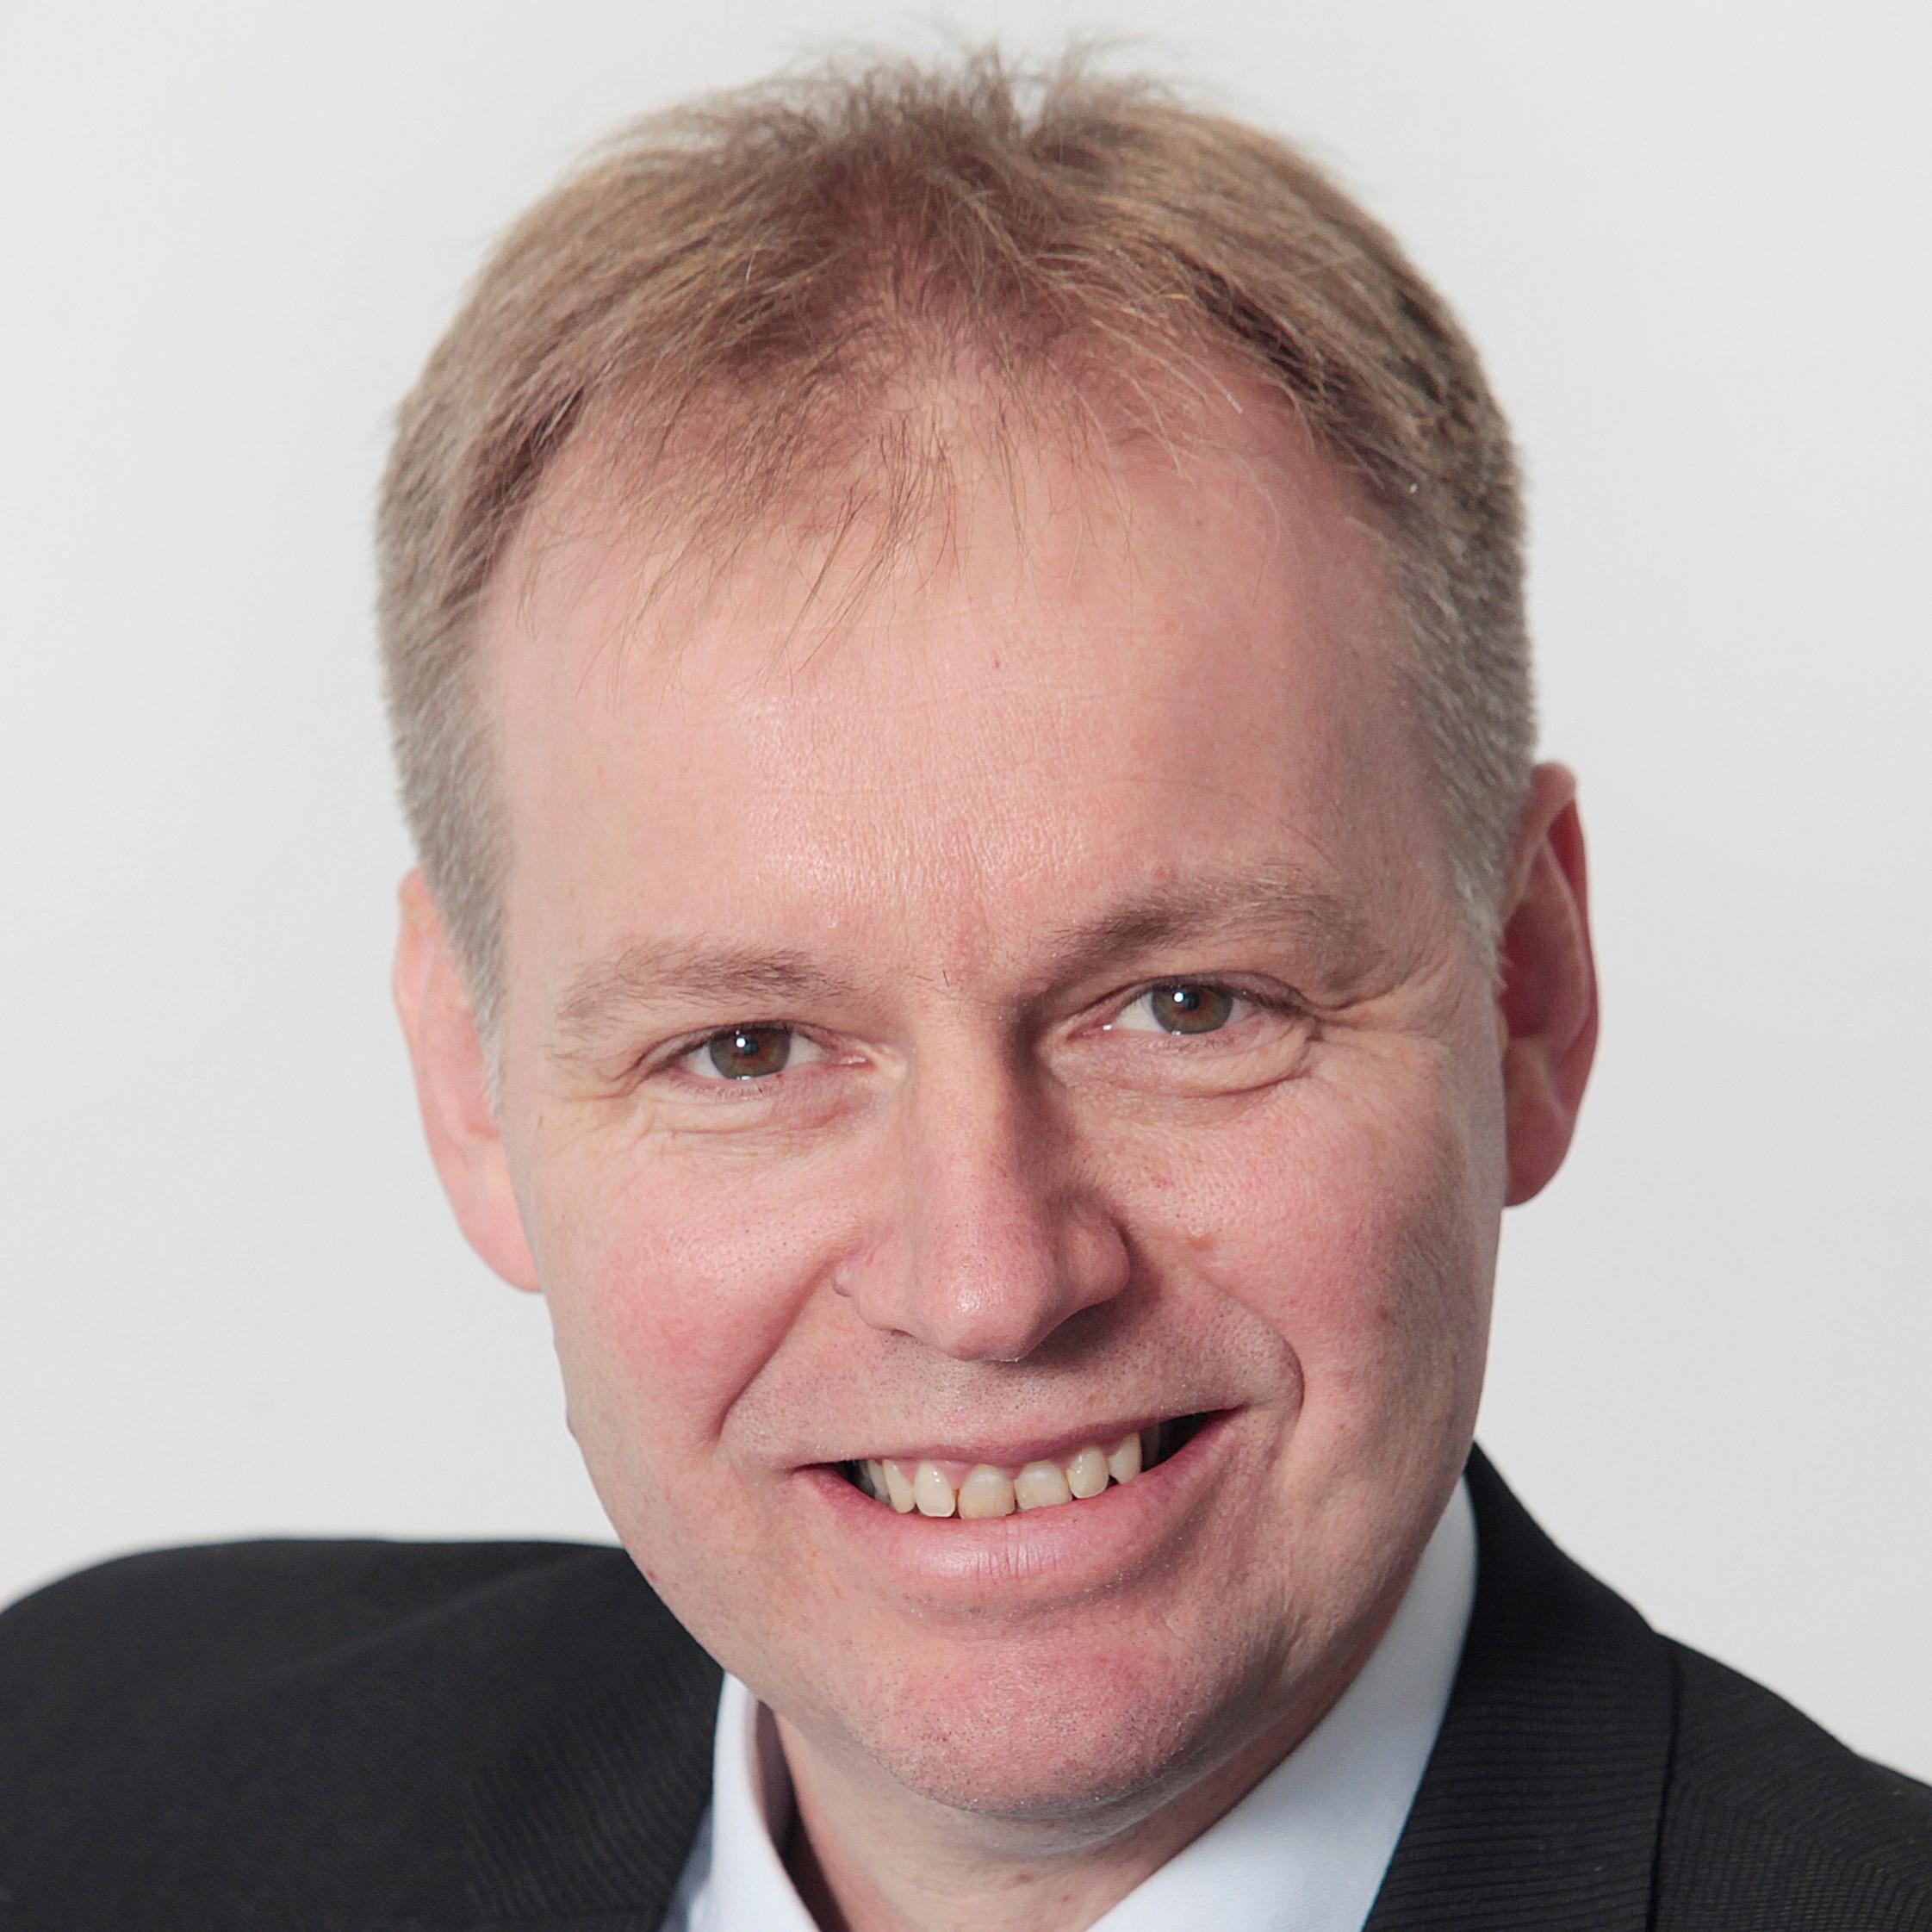 Dr.-Ing. Wilfried Kölscheid